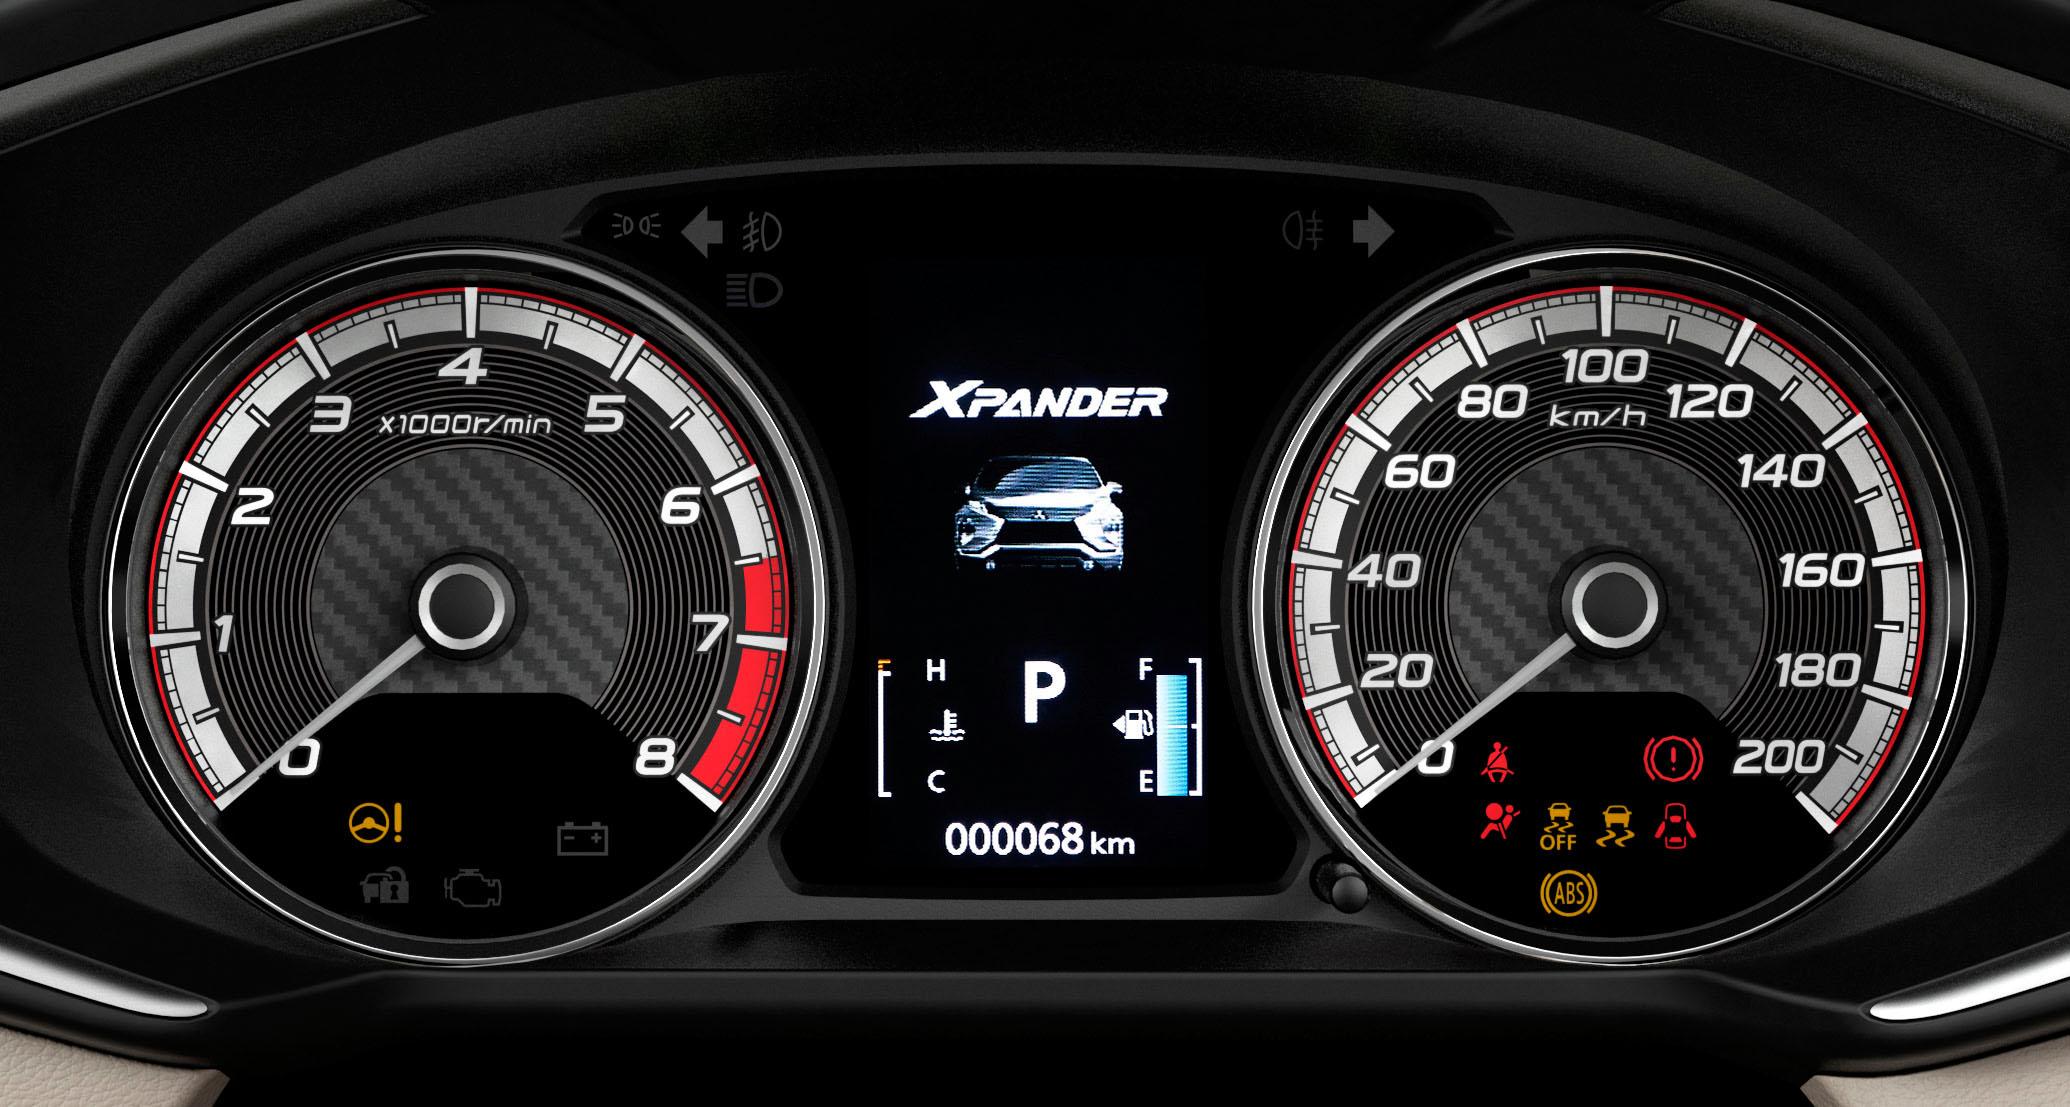 Giá xe Xpander 2019 MPV 7 chỗ và thông số kỹ thuật – Đại lý ...